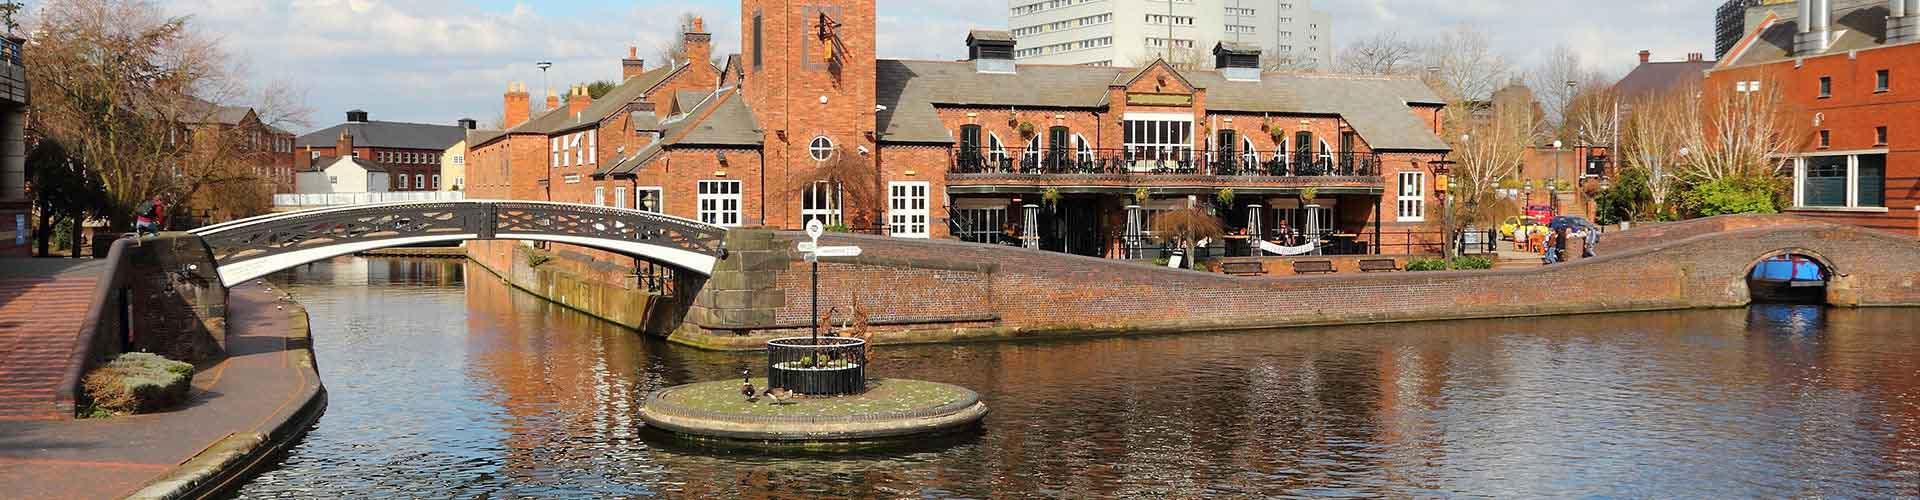 Birmingham - Hoteles baratos en el distrito Yardley. Mapas de Birmingham, Fotos y comentarios de cada Hotel barato en Birmingham.